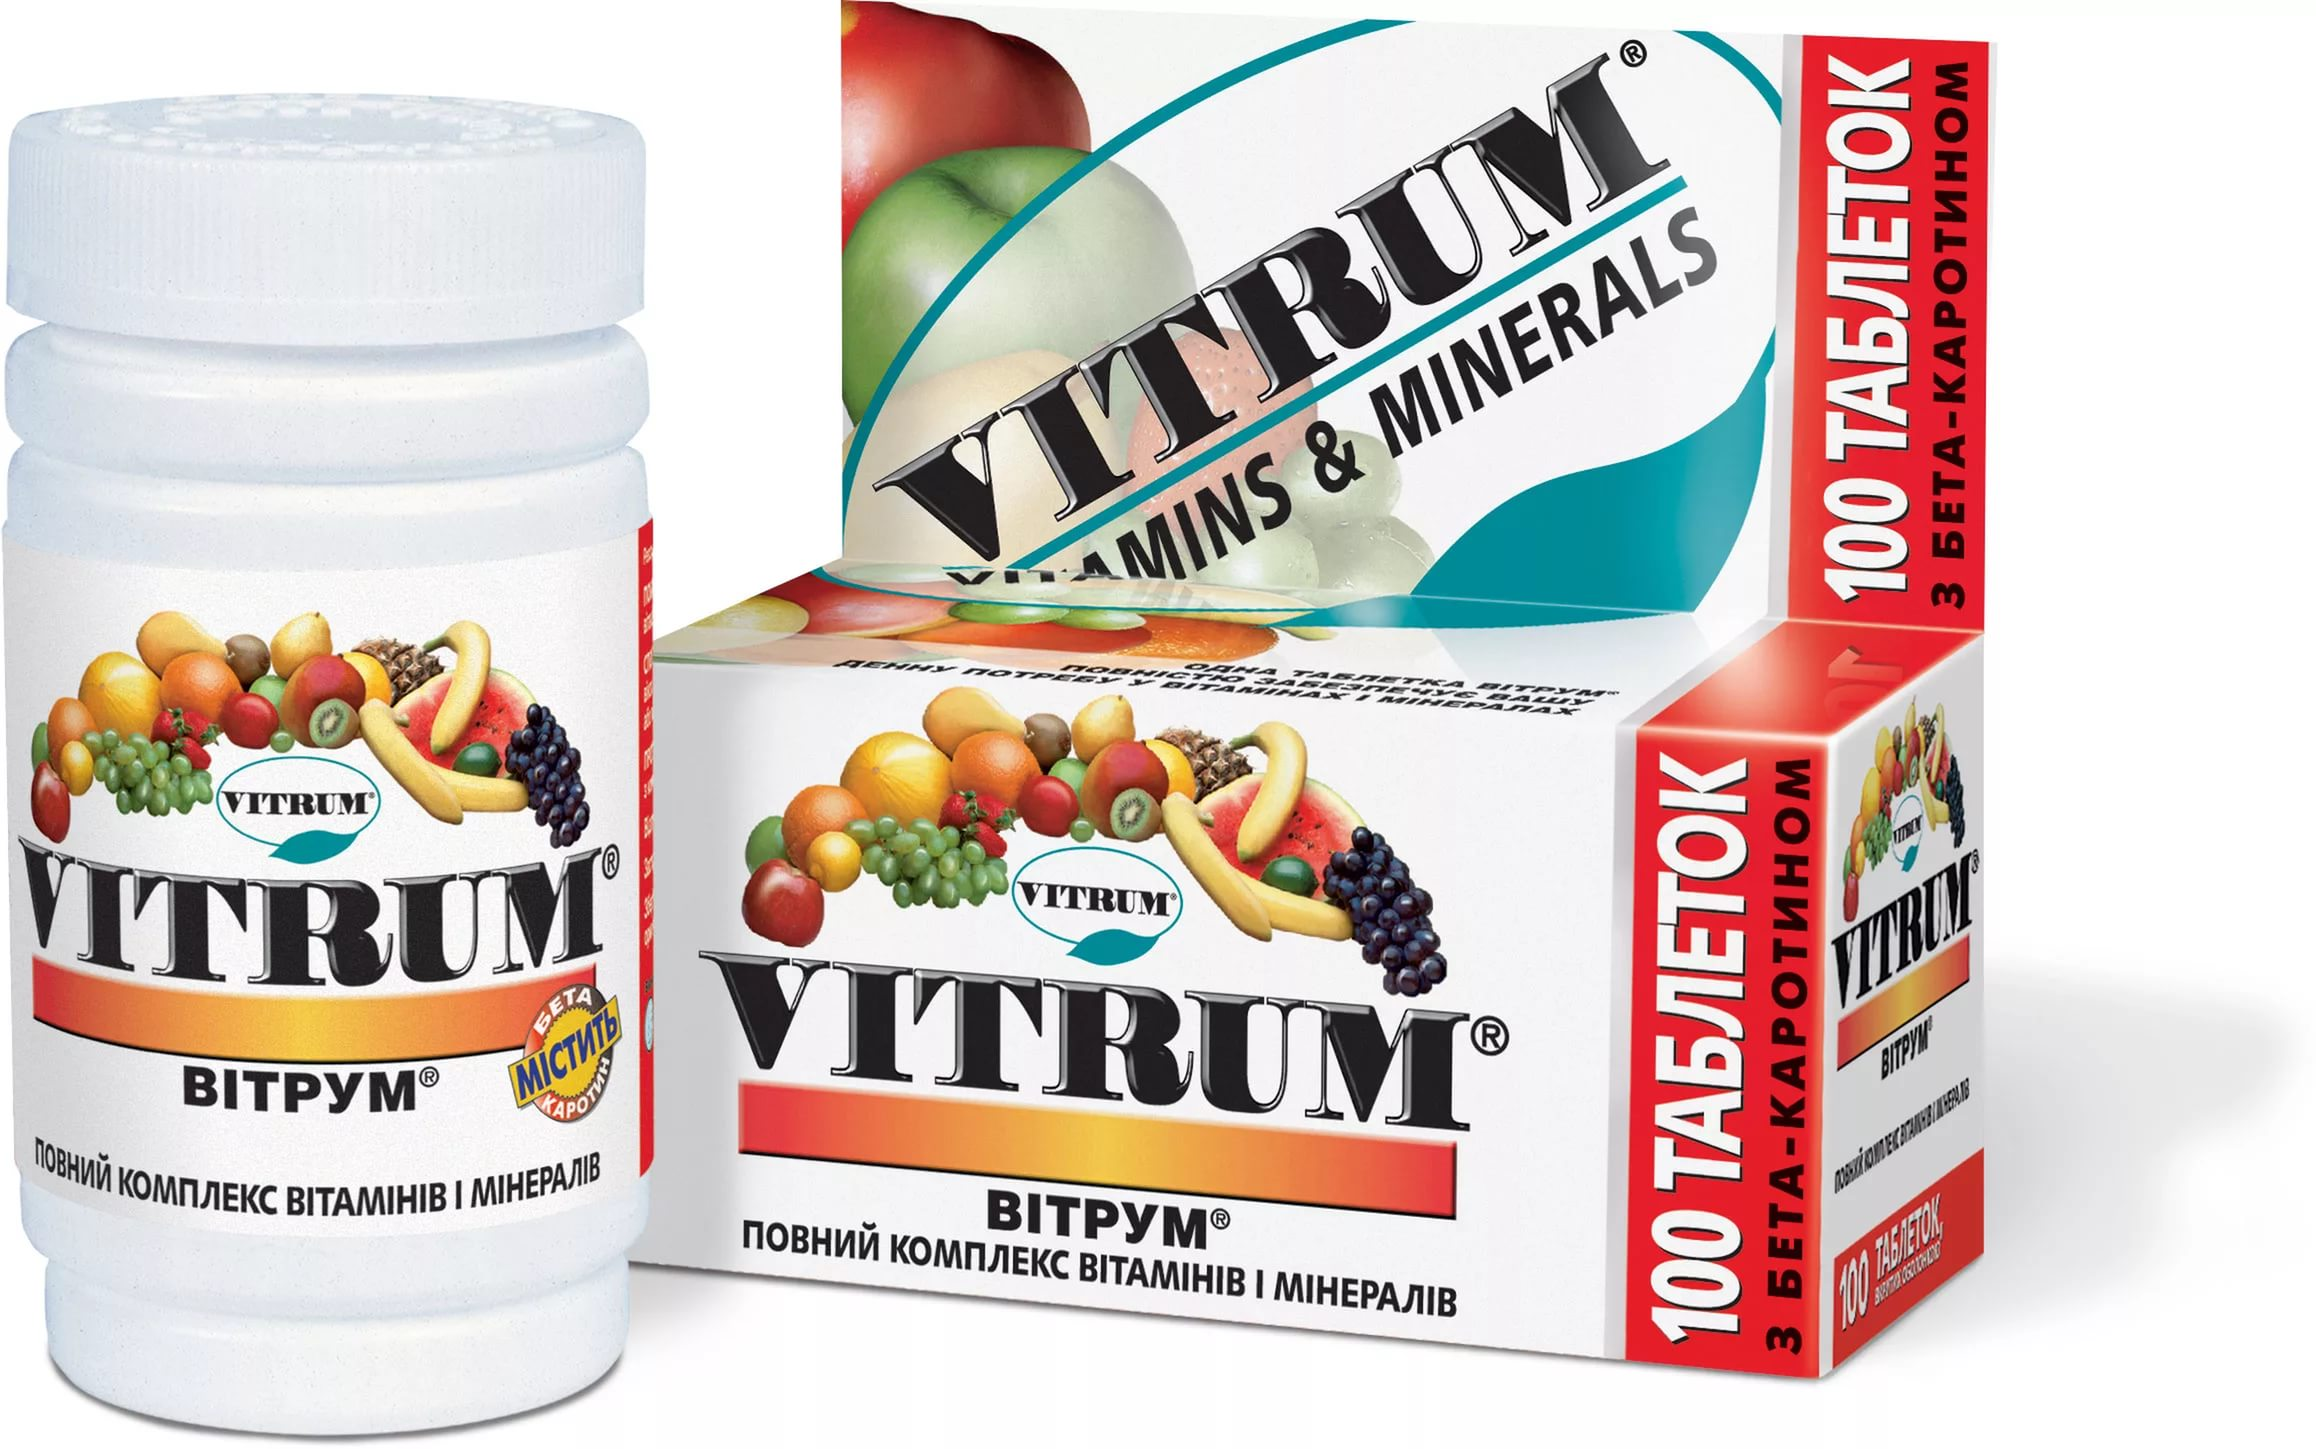 Vitrum memories